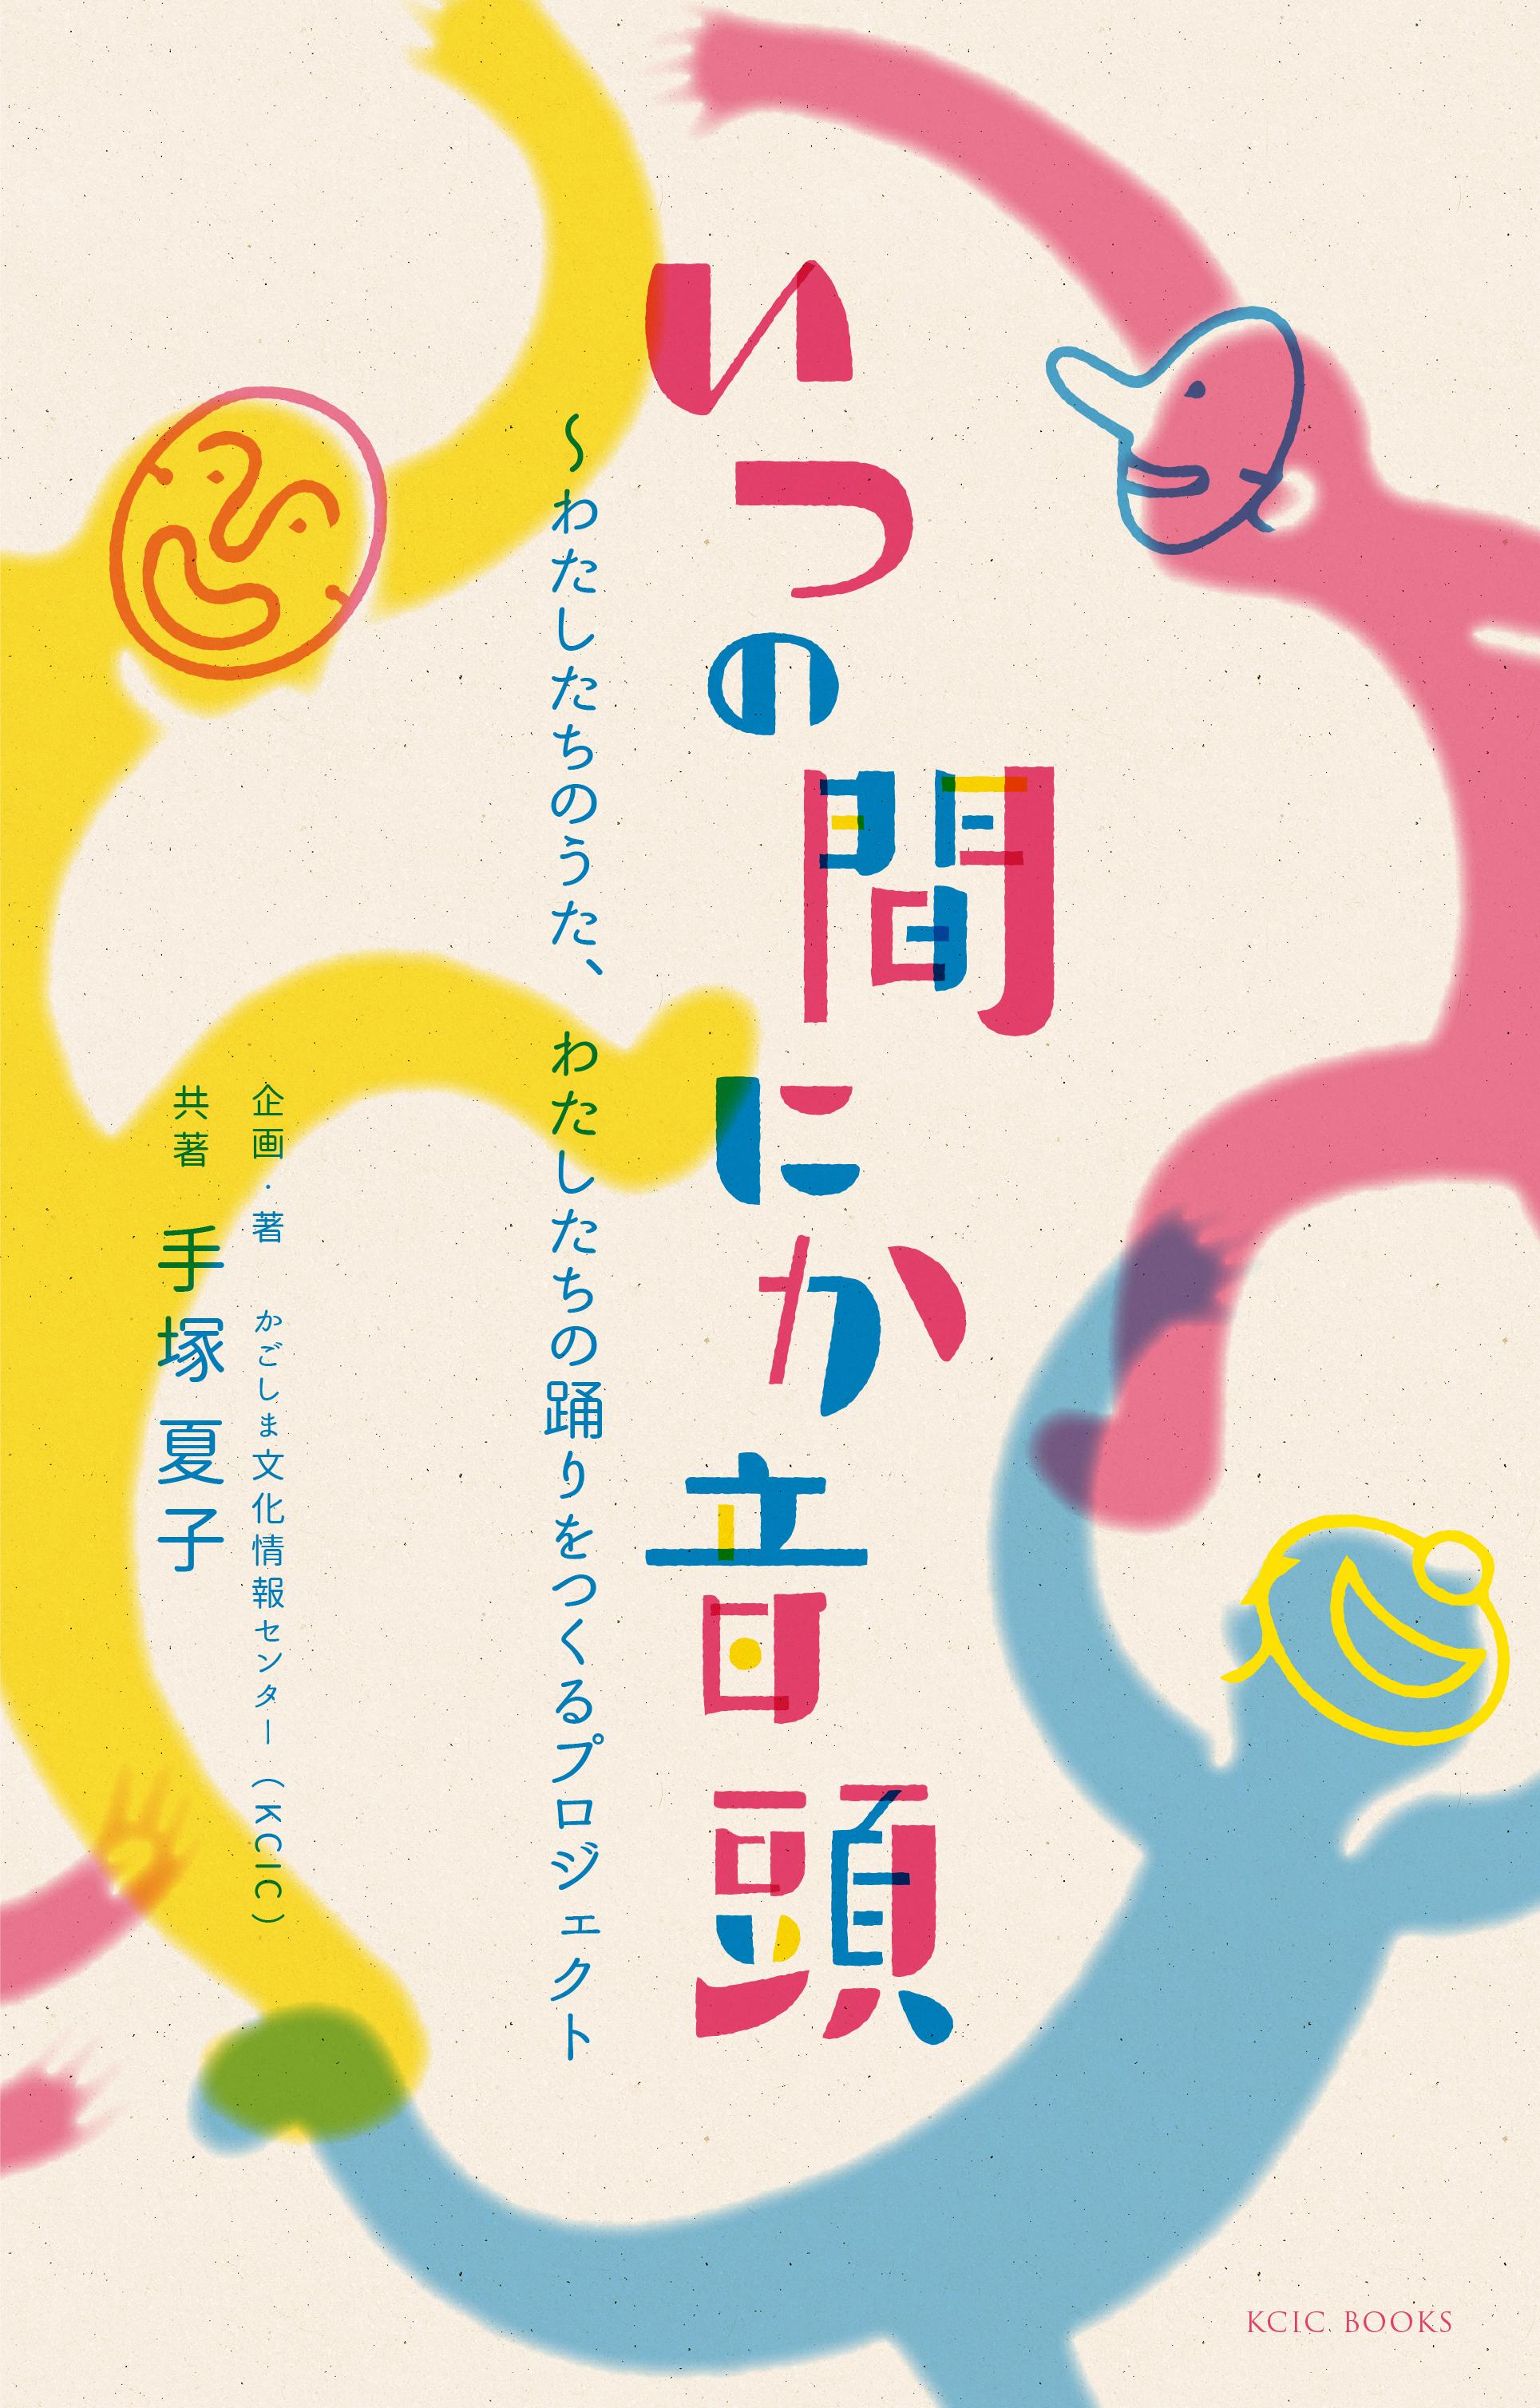 【公開中】『「いつの間にか音頭」~わたしたちのうた、わたしたちの踊りをつくるプロジェクト』共著:手塚夏子